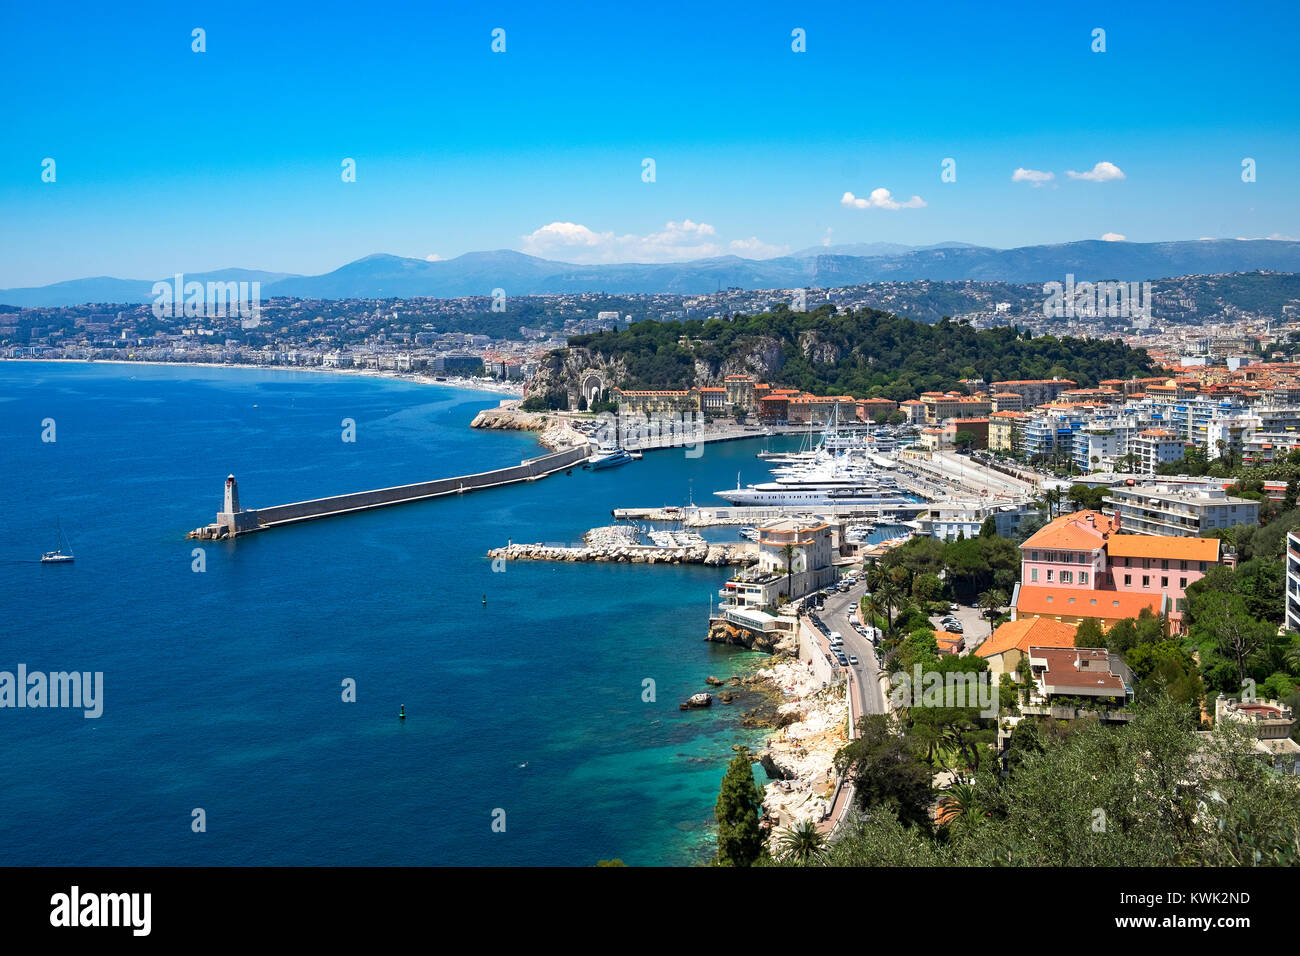 Port et la marina de la ville de Nice, Côte d'Azur, France. Photo Stock